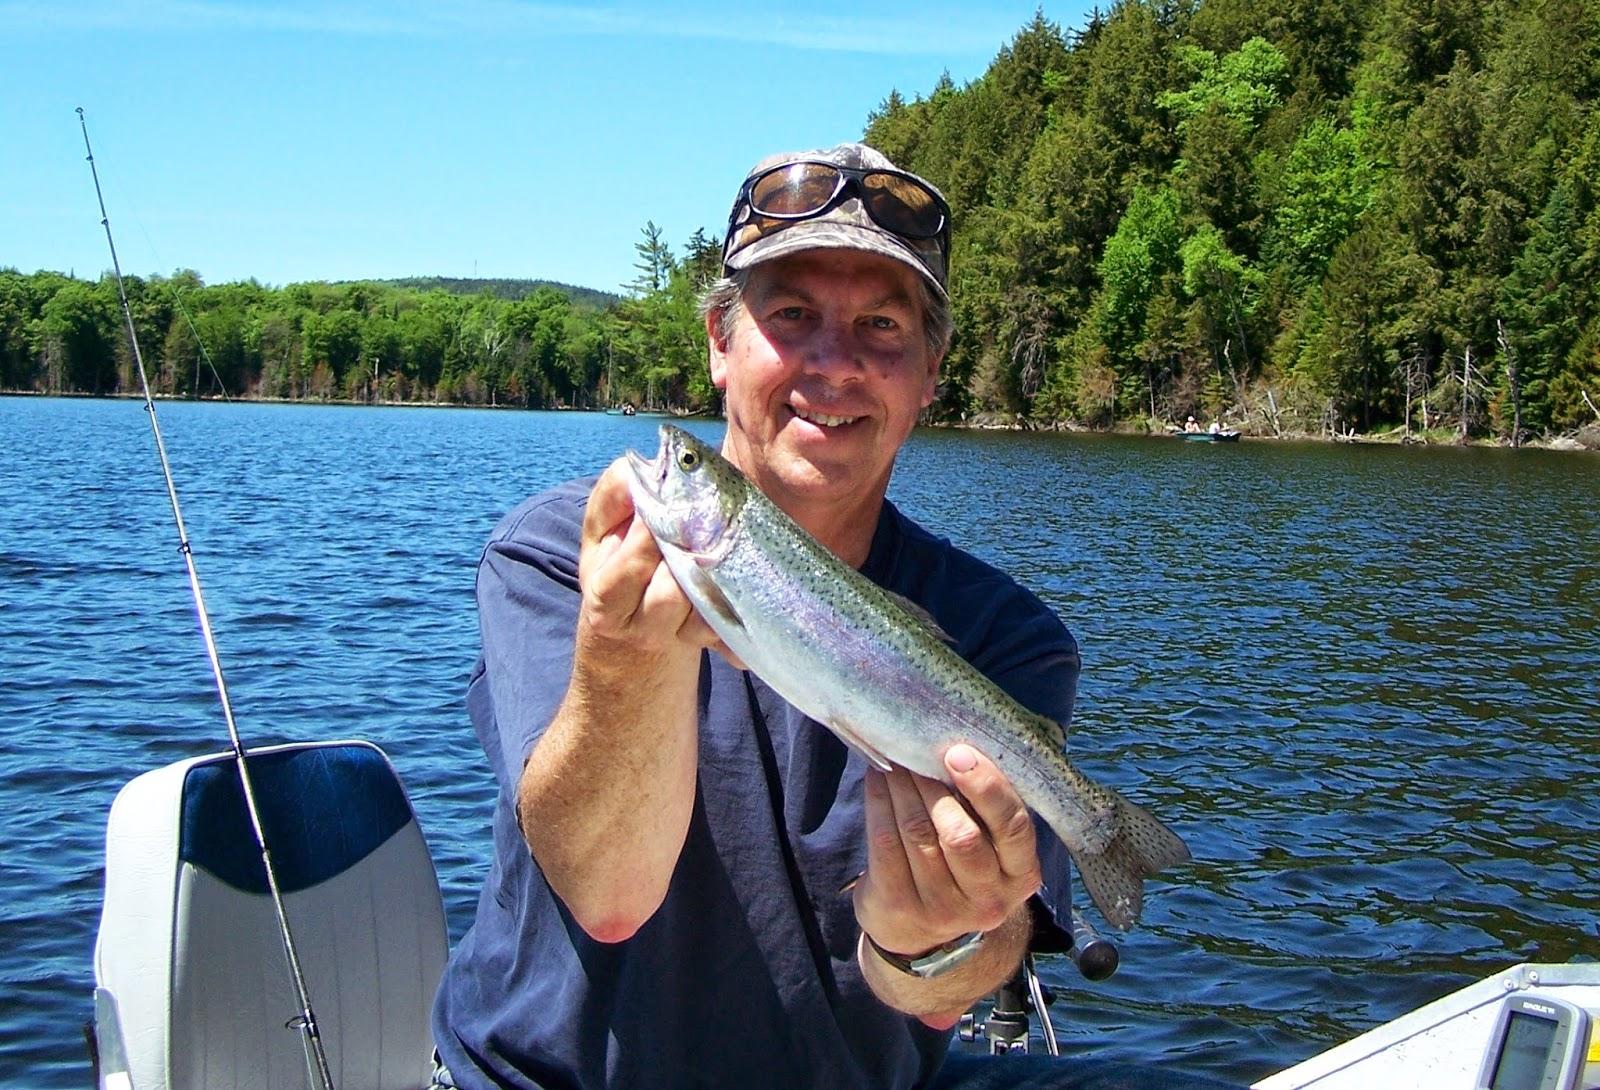 pêche truite, pêche au Québec, pêche région de Montréal, pêche Laurentides, Parlons pêche